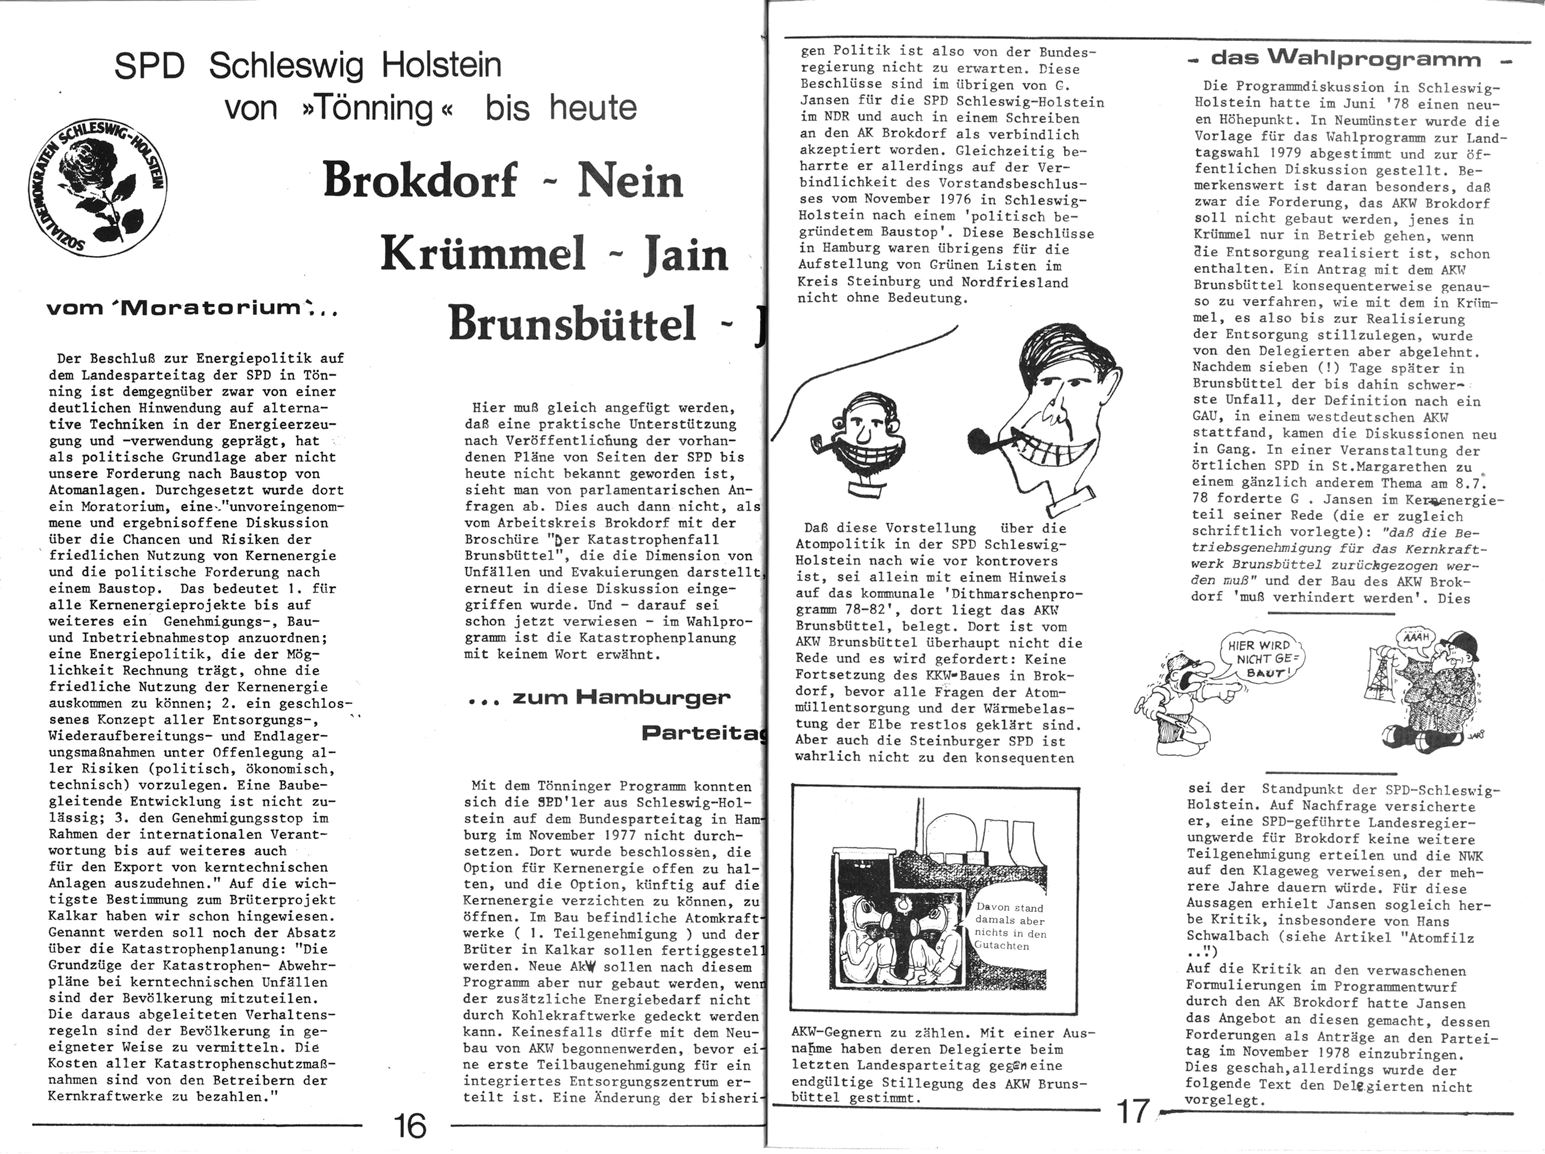 Schleswig_Holstein_Atompolitik_der_SPD_09